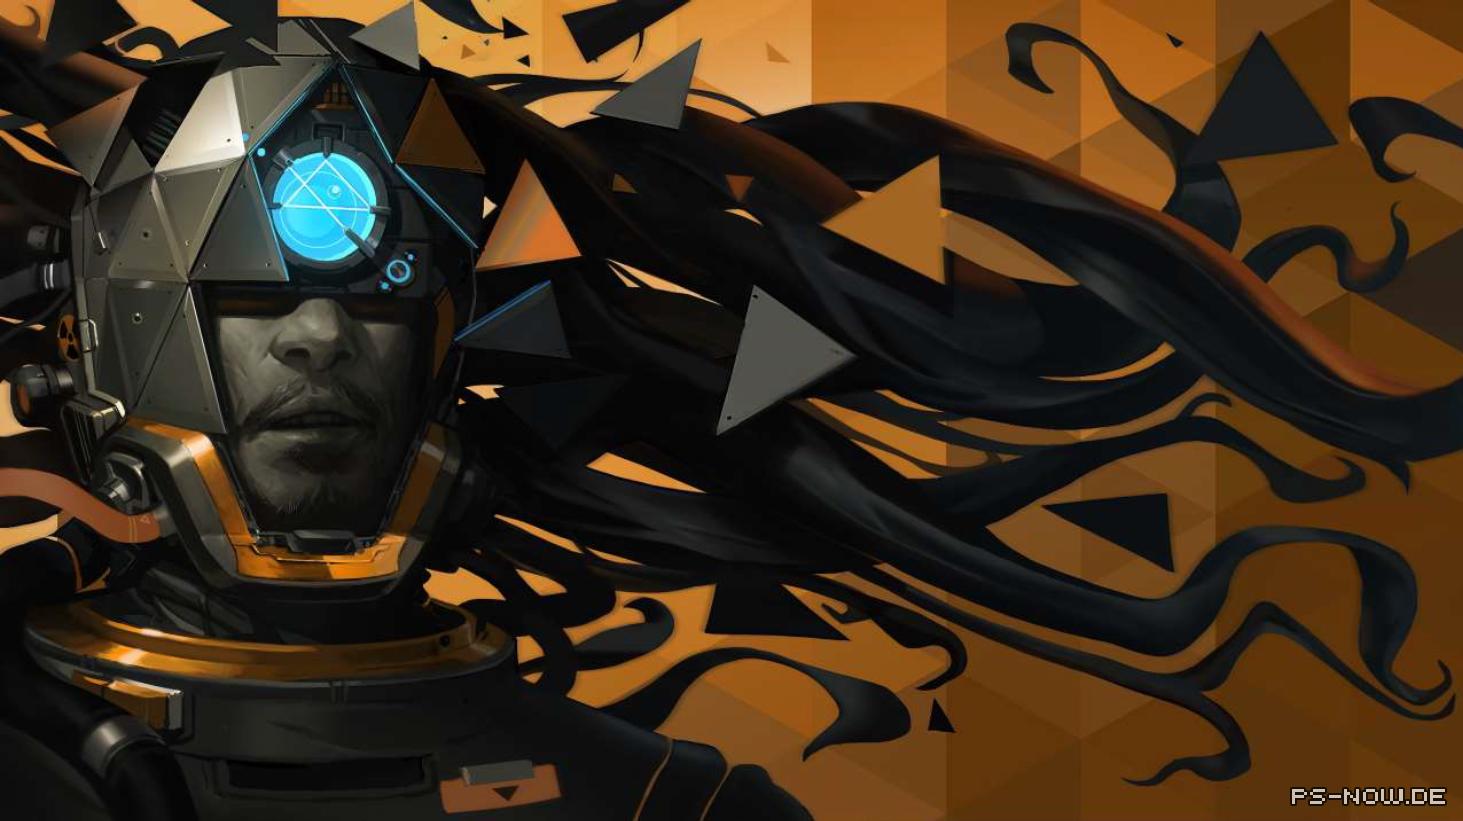 Prey zeigt ein klein wenig Gameplay im QuakeCon-Trailer - PS-NOW.de